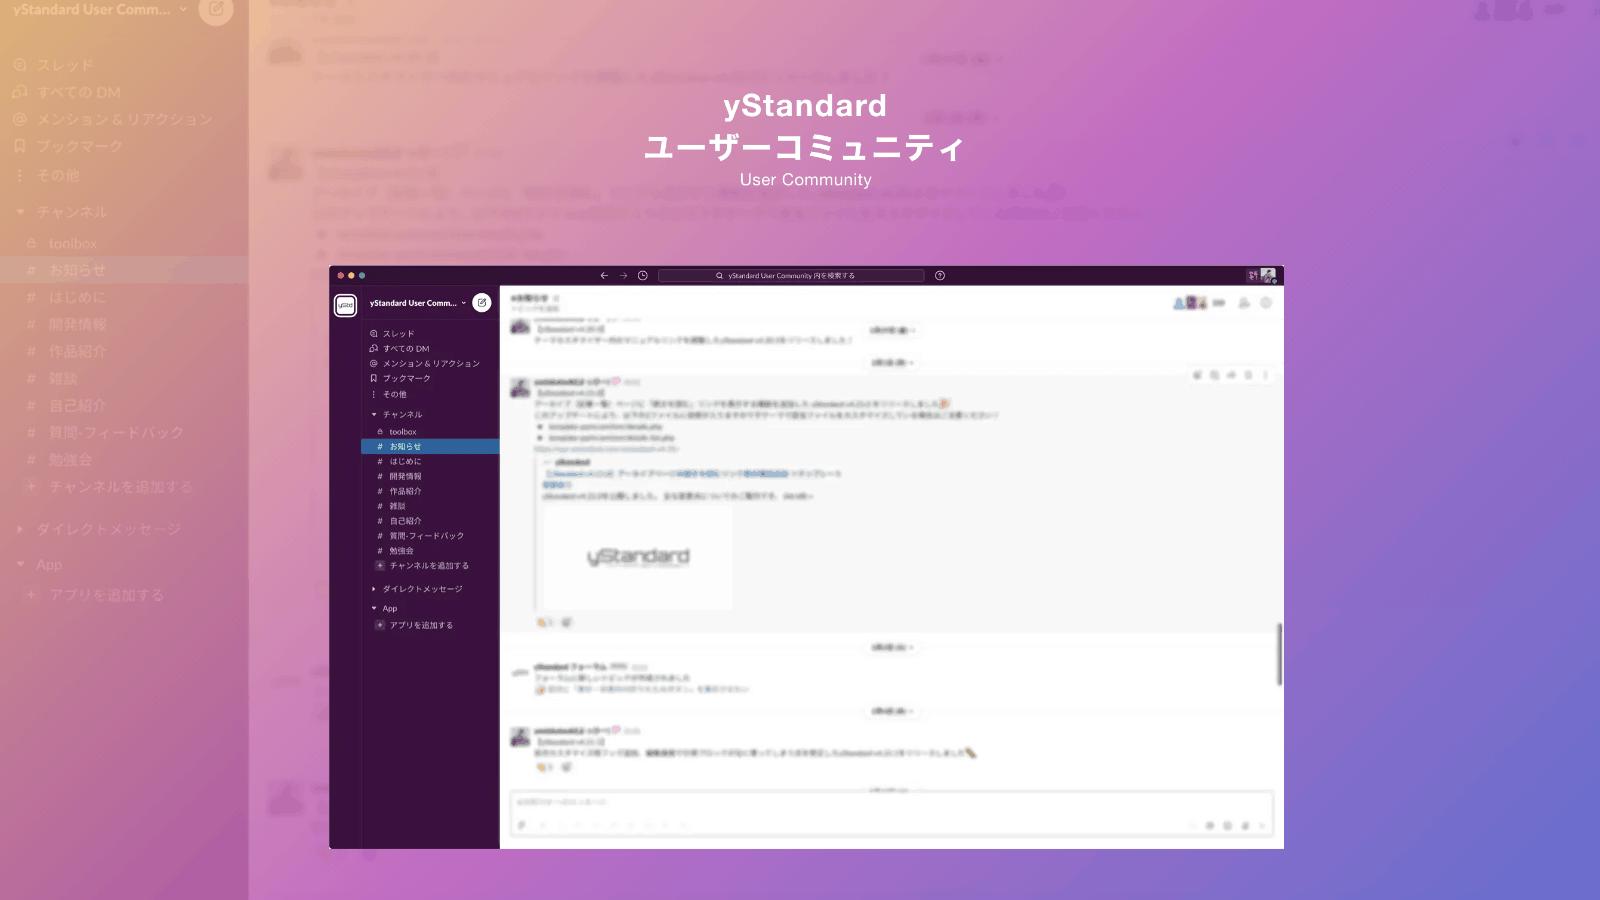 yStandard ユーザーコミュニティ